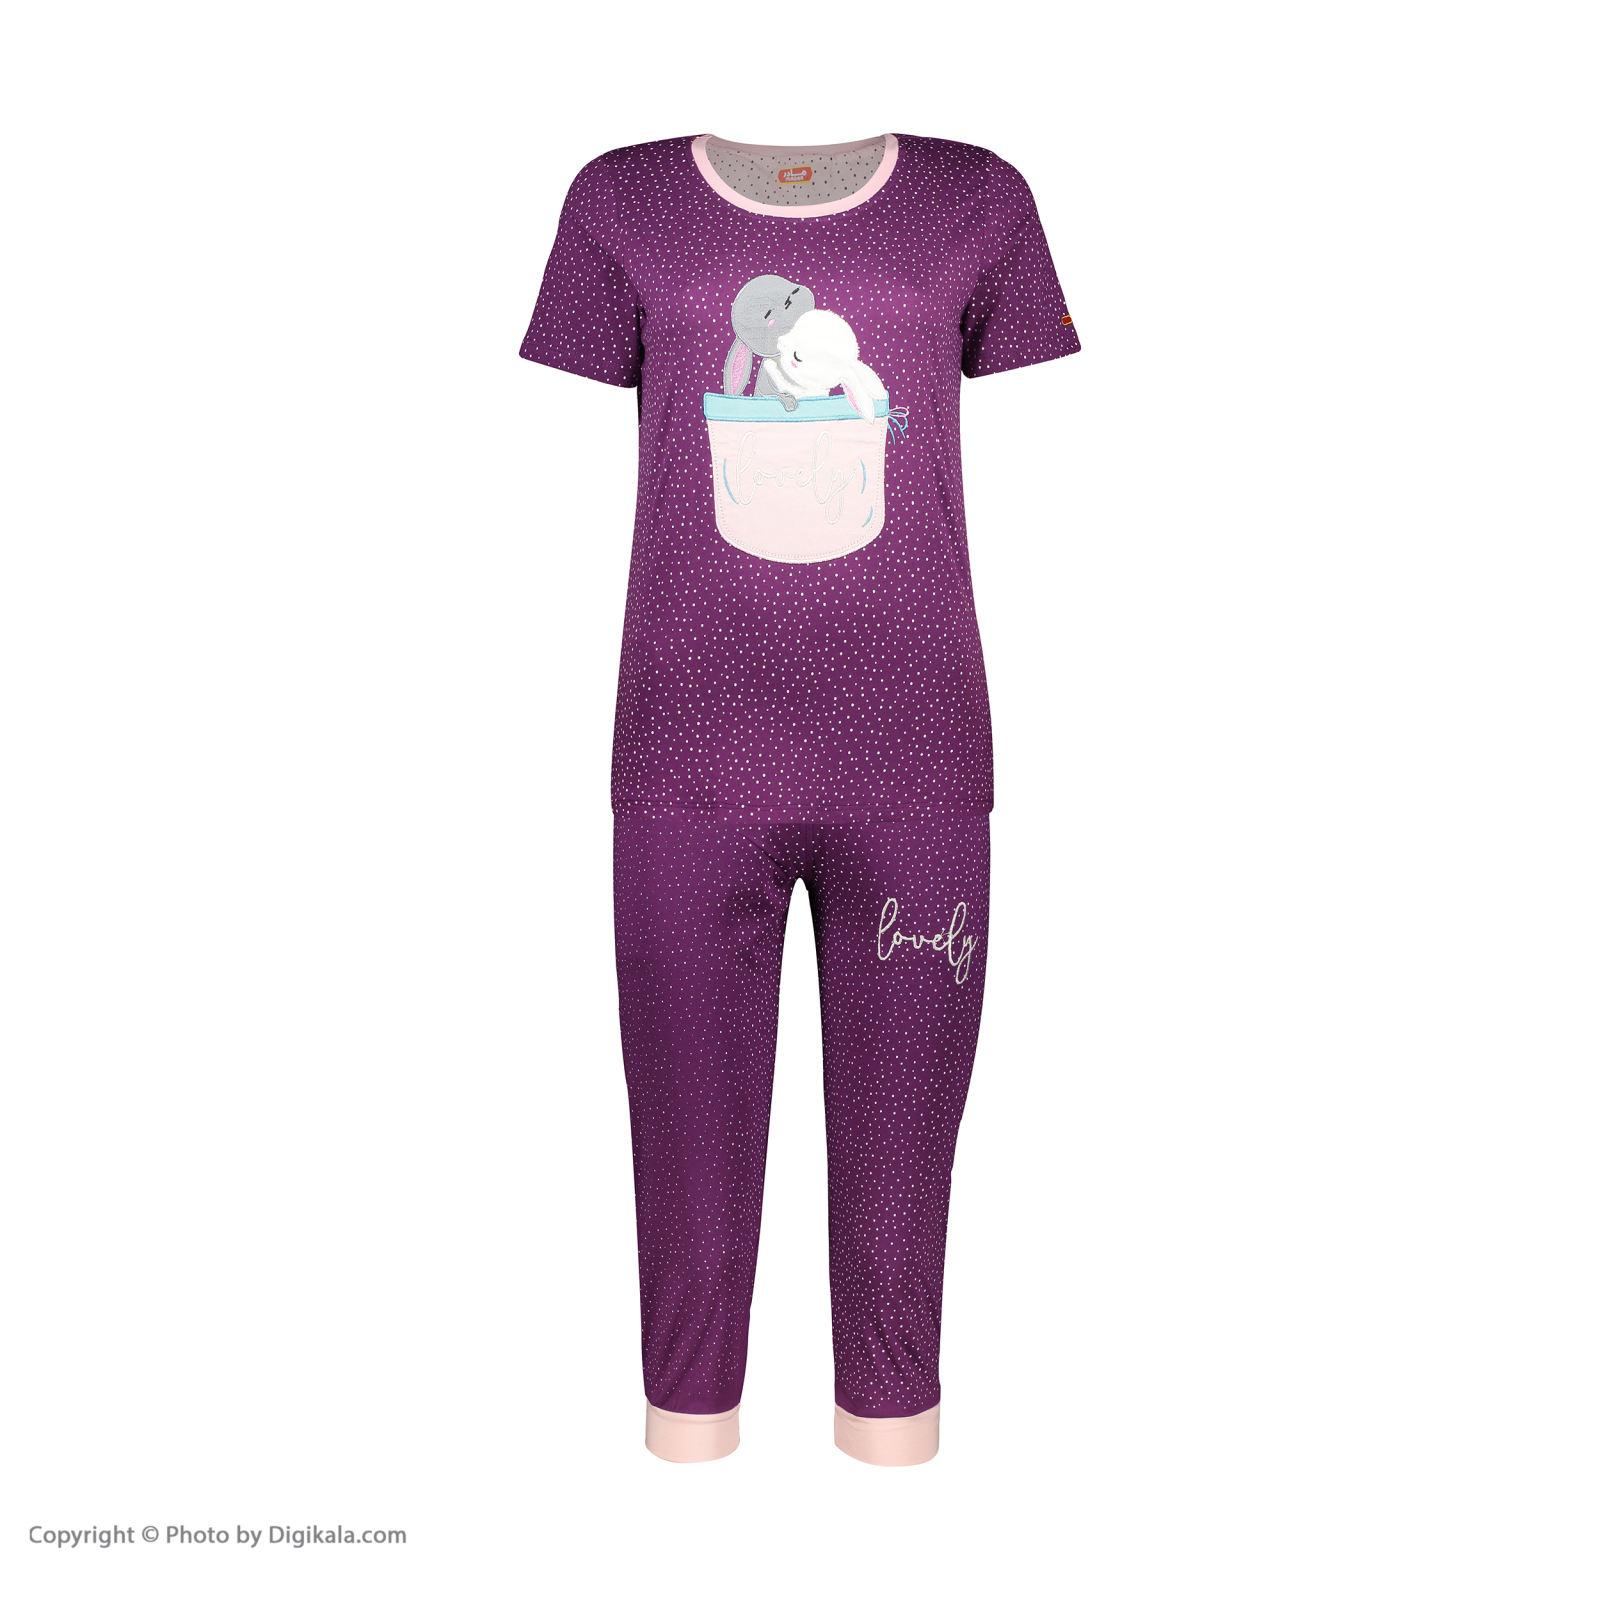 ست تی شرت و شلوارک راحتی زنانه مادر مدل 2041102-67 -  - 3